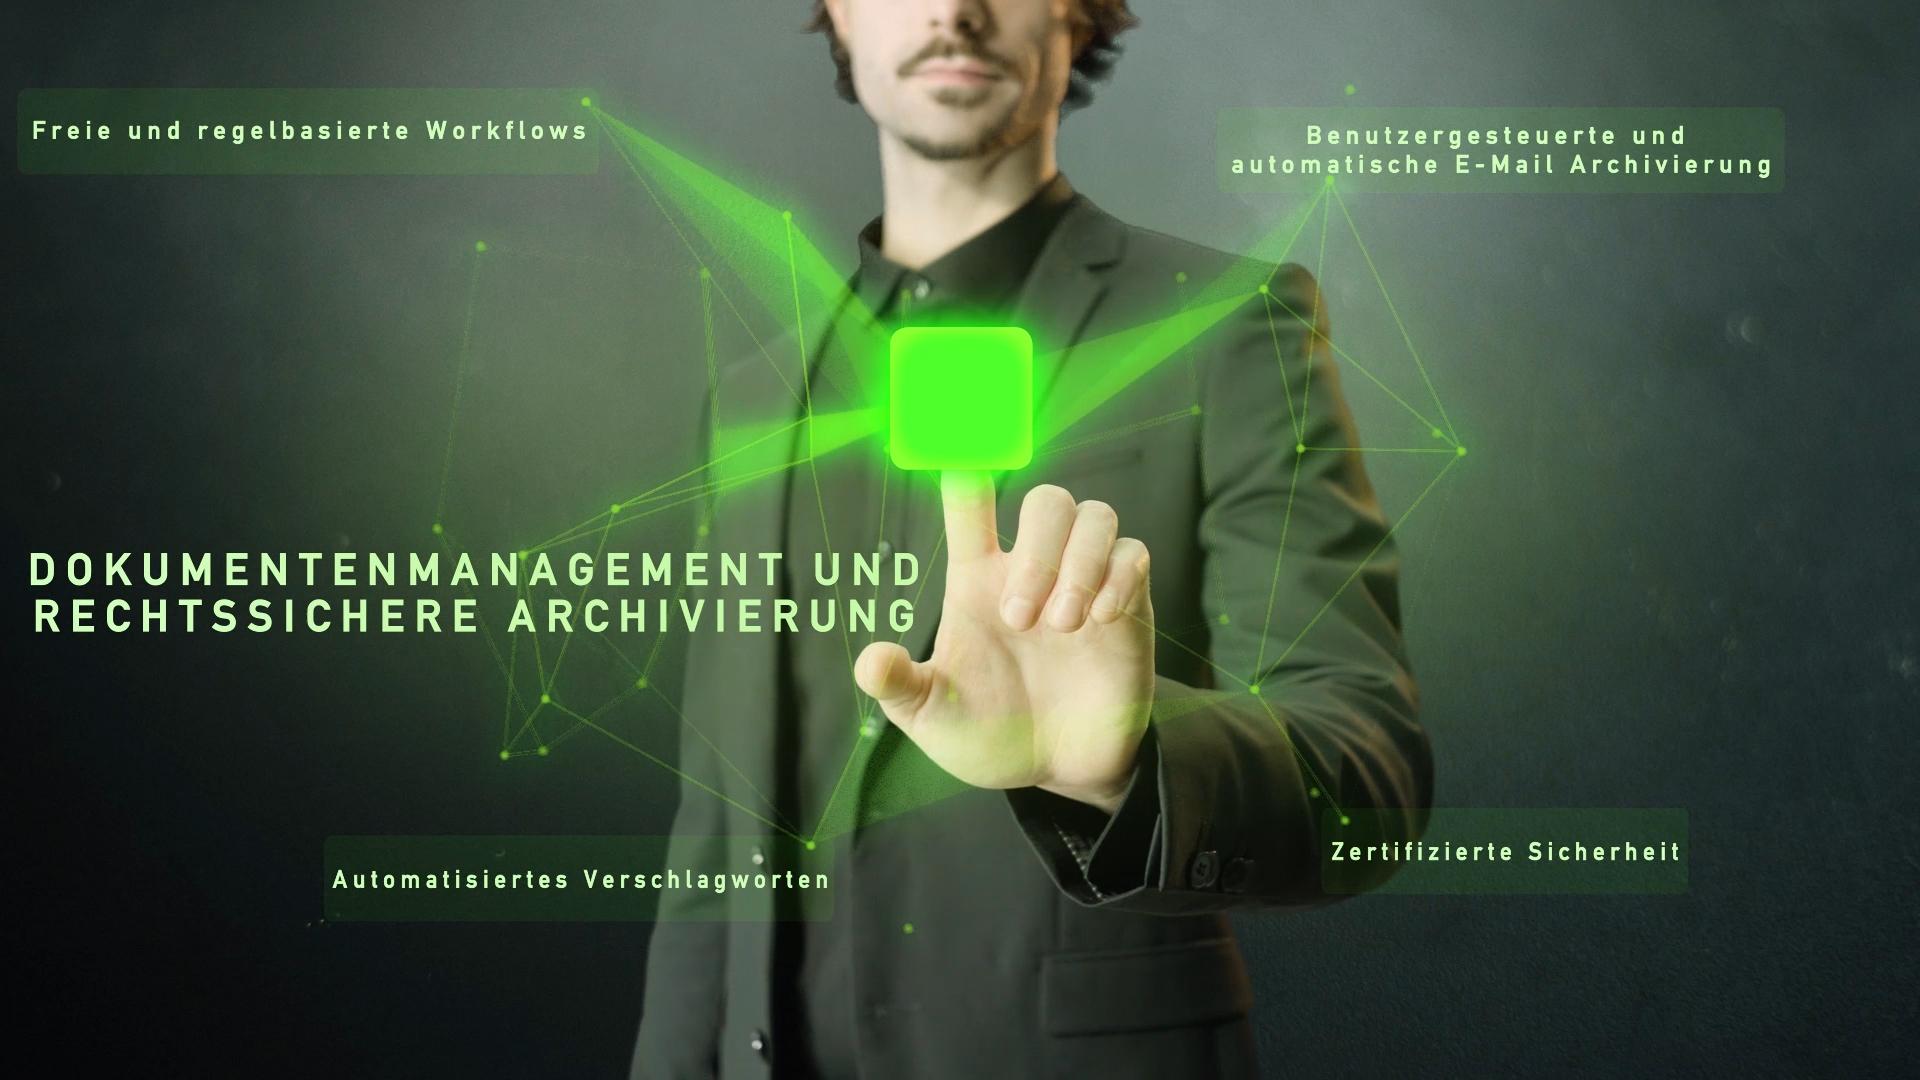 grünes Netzwerk mit Wort Dokumentenmanagement und rechtssichere Archivierung und Mann im Hintergrund